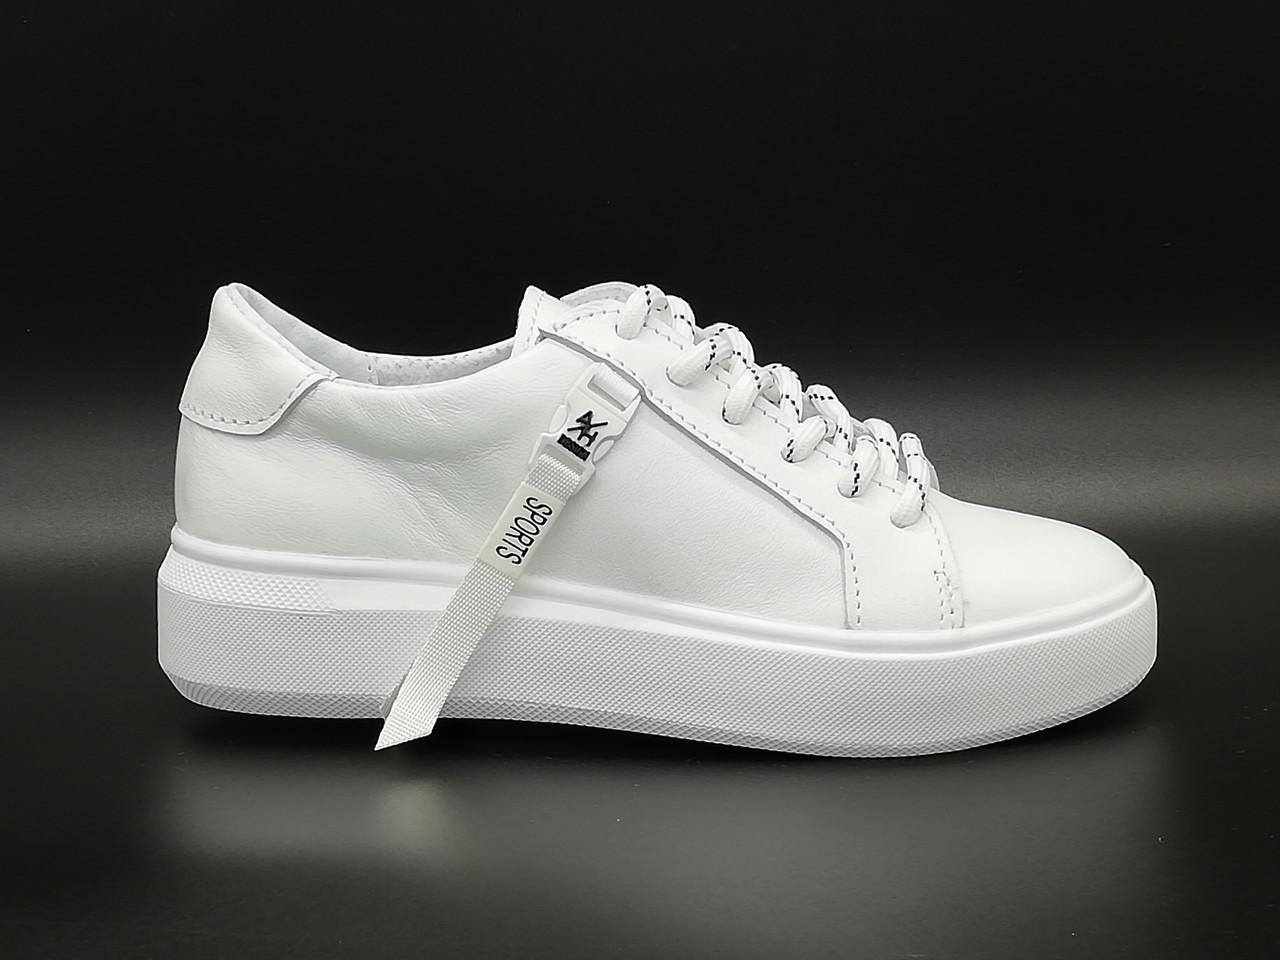 Білі кросівки. Маленькі розміри ( 33 - 35 ). Україна.